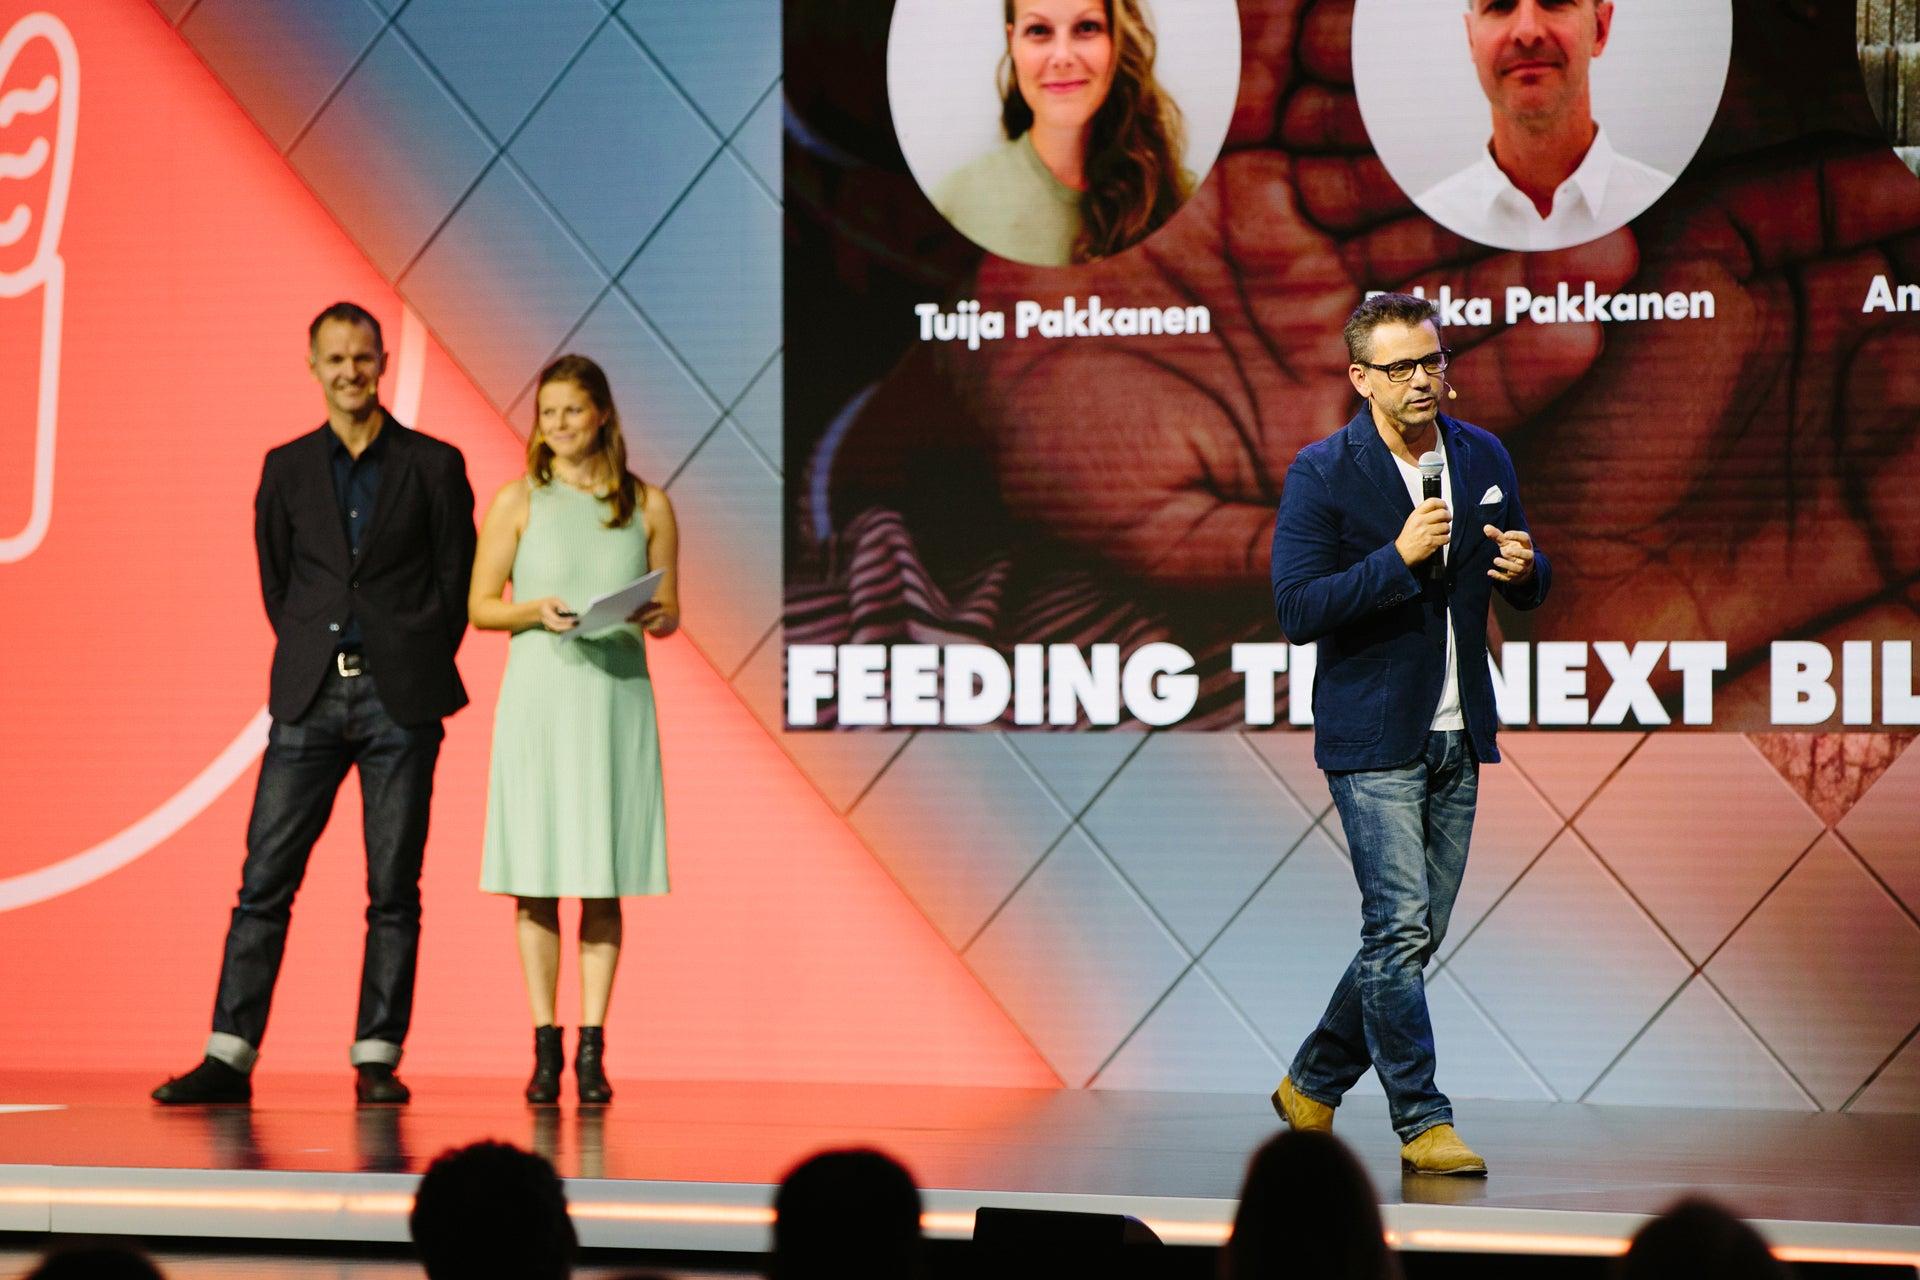 Three people on stage